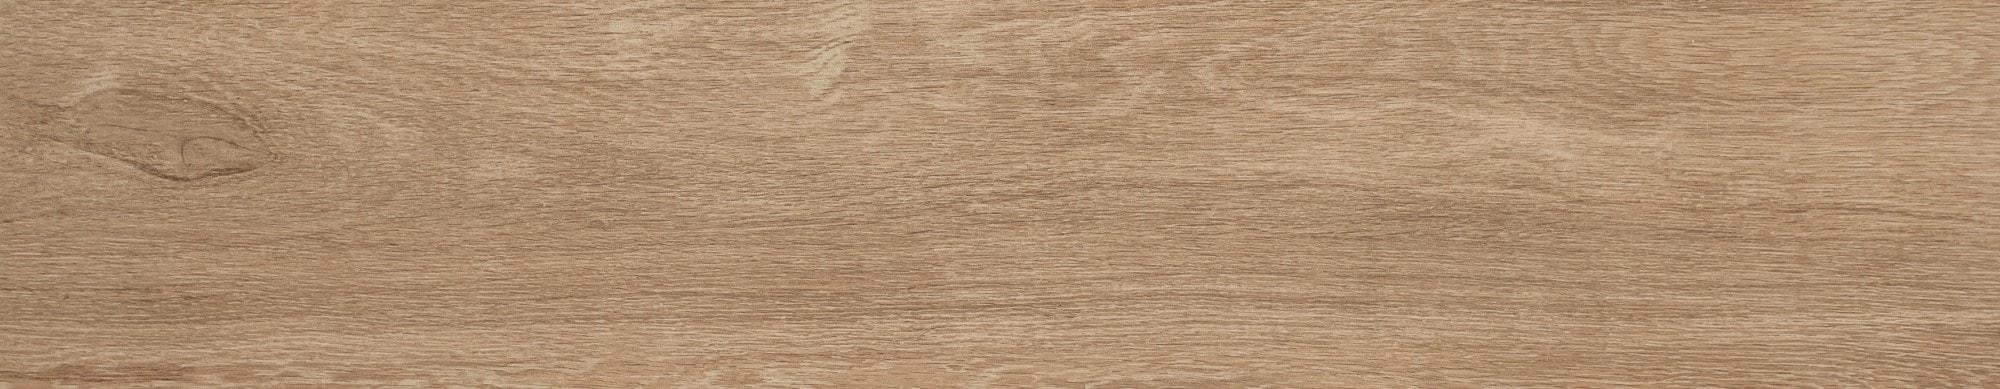 Płytka podłogowa Cerrad Catalea Honey 900x175x8mm 27162